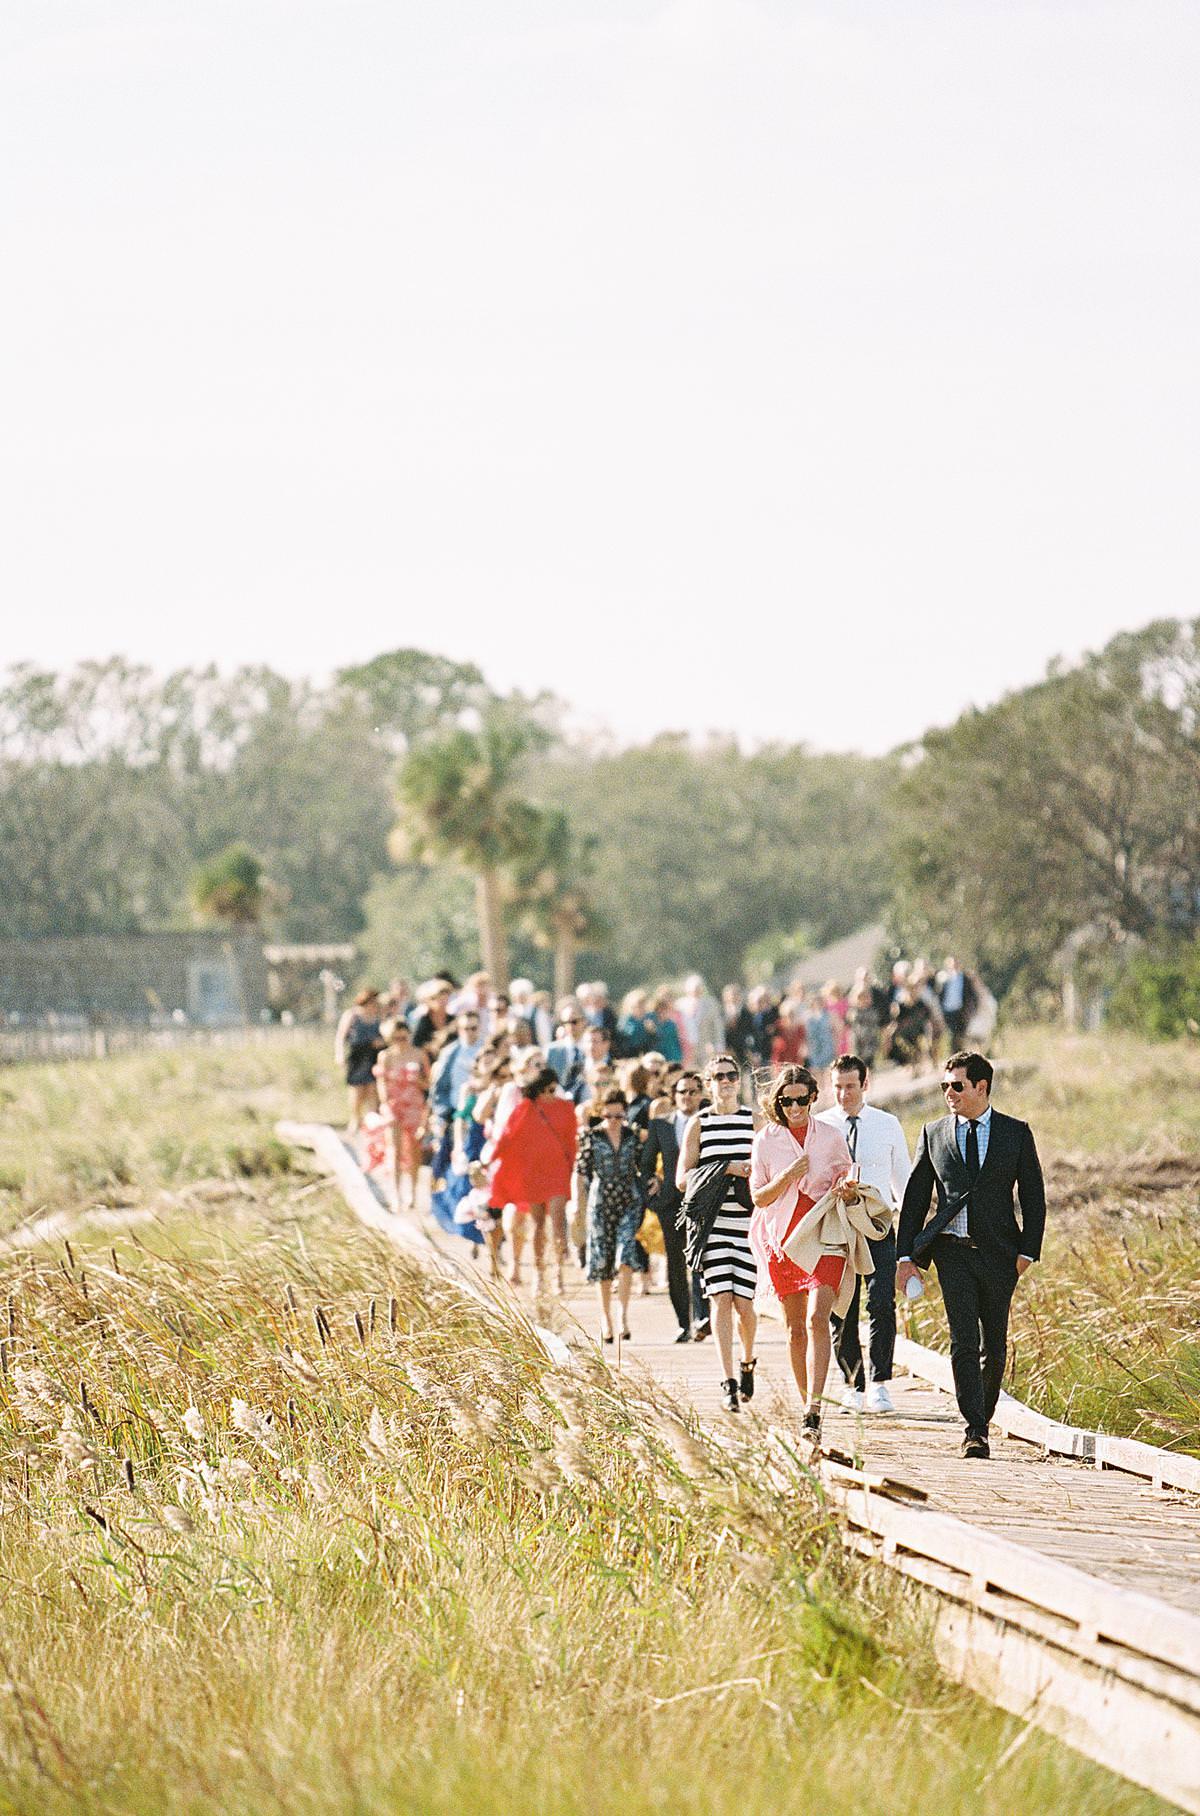 wedding guests on beach boardwalk